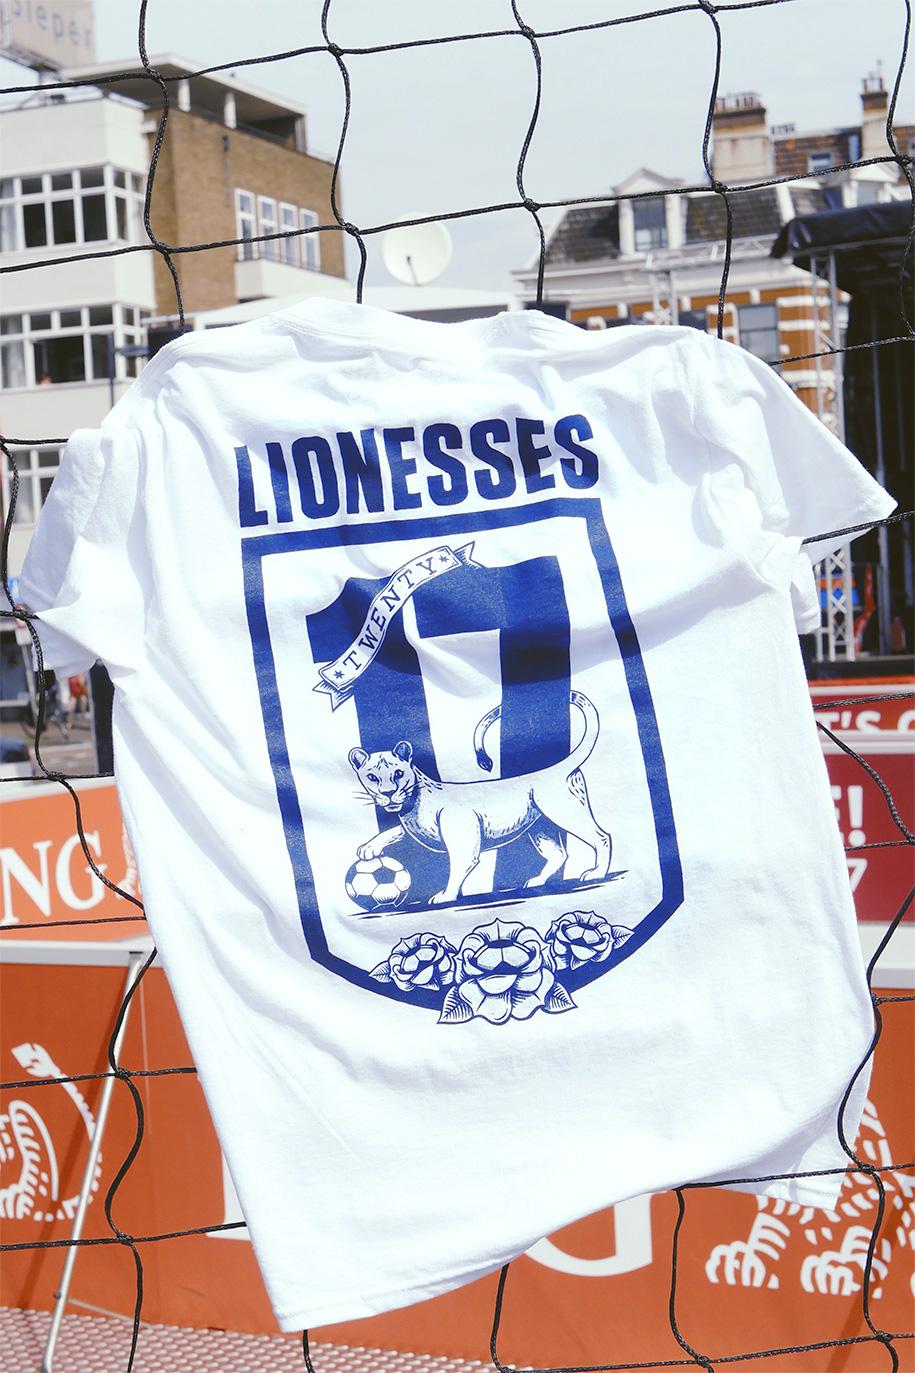 Lionesses_03